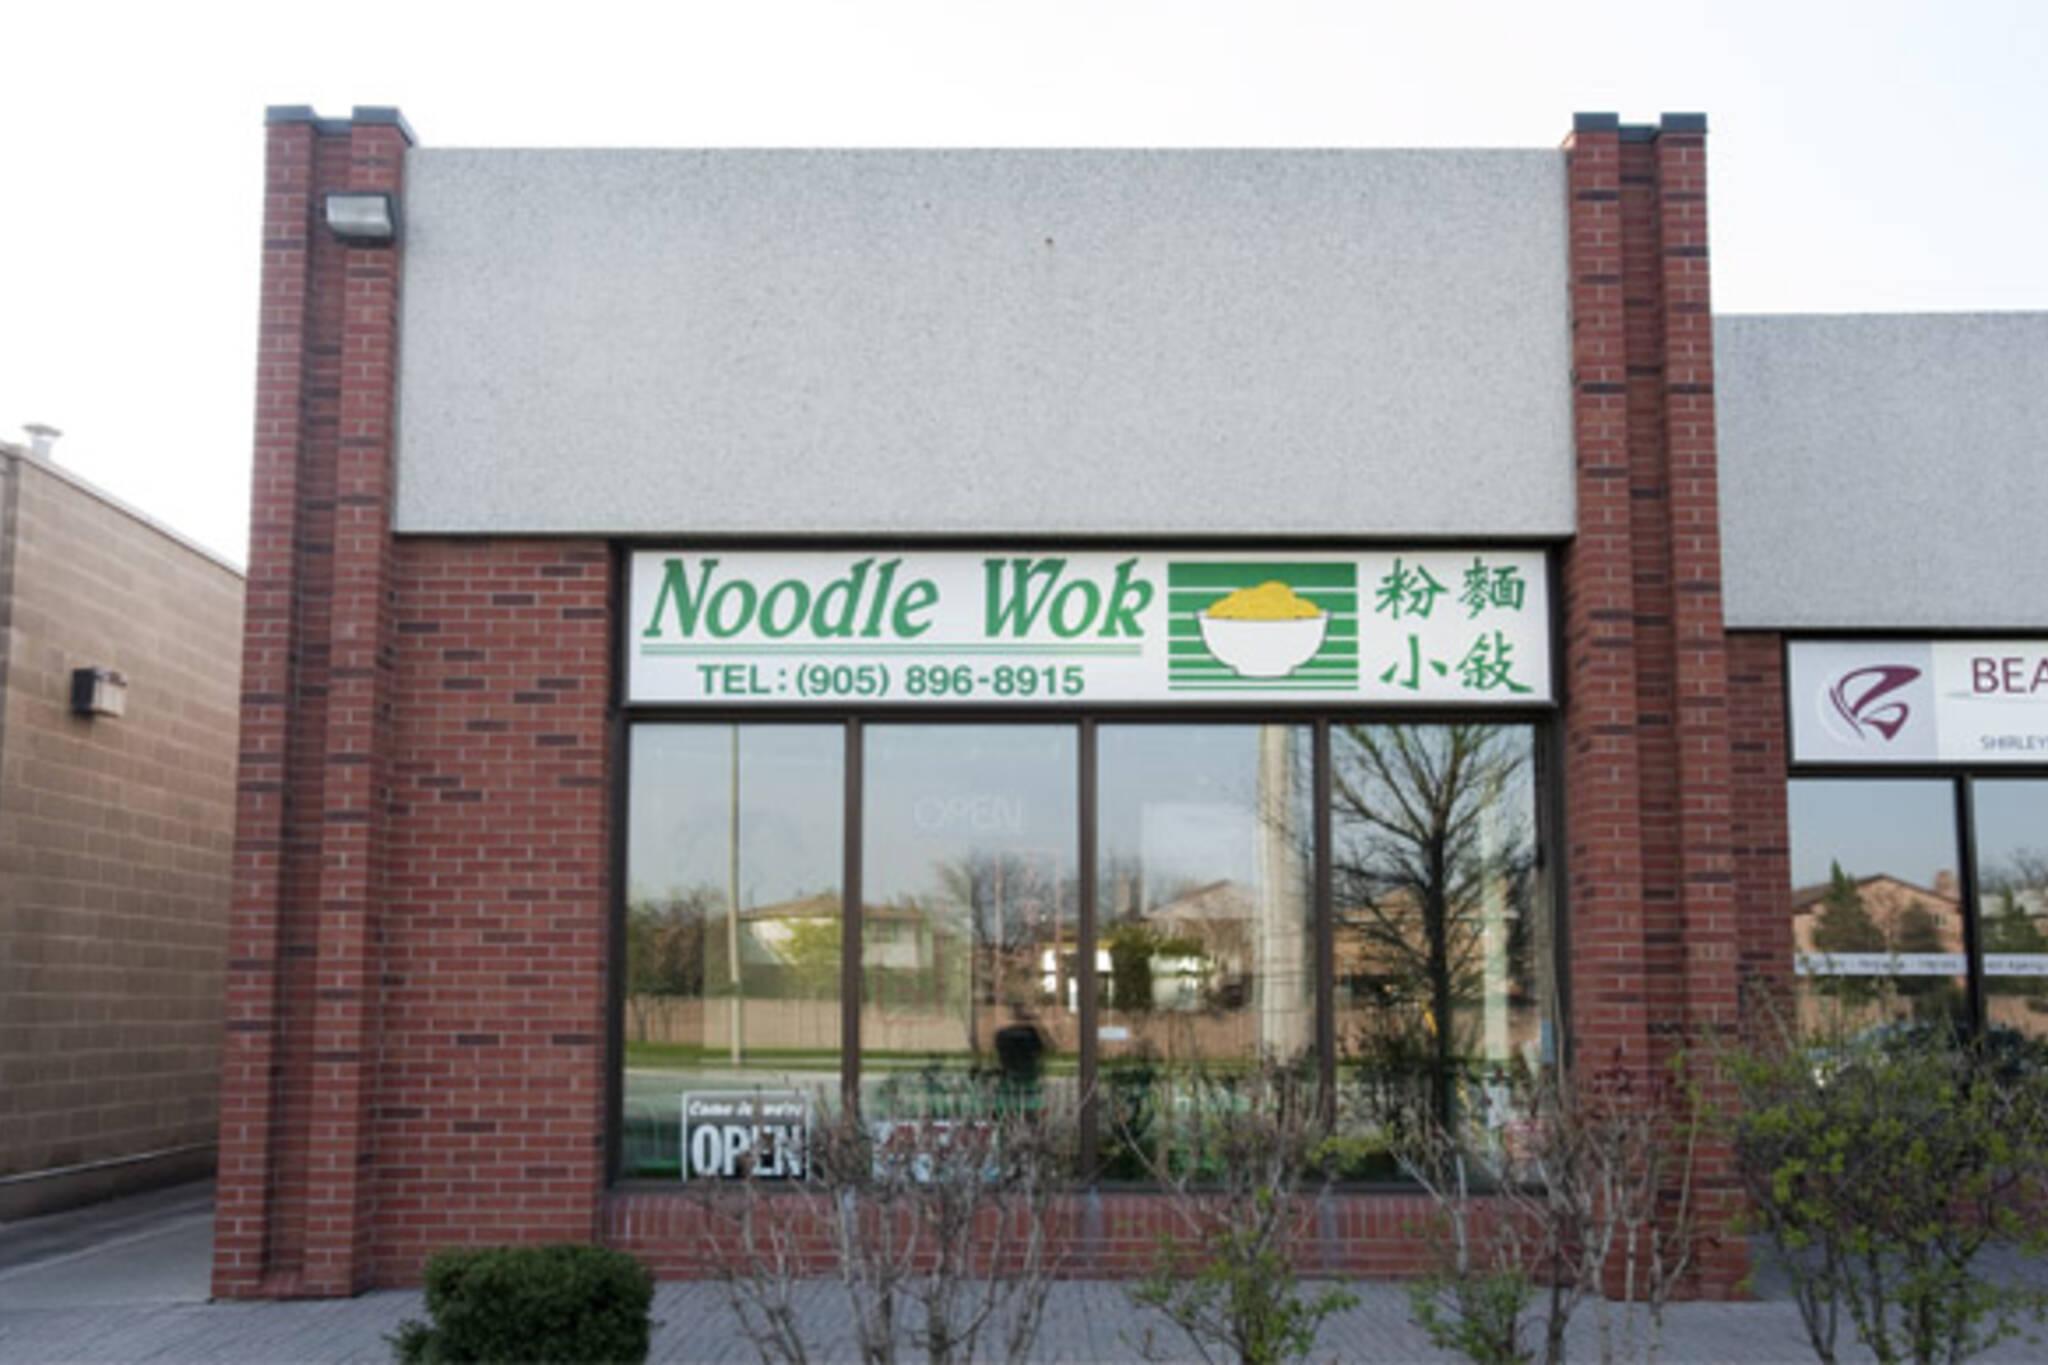 Noodle Wok